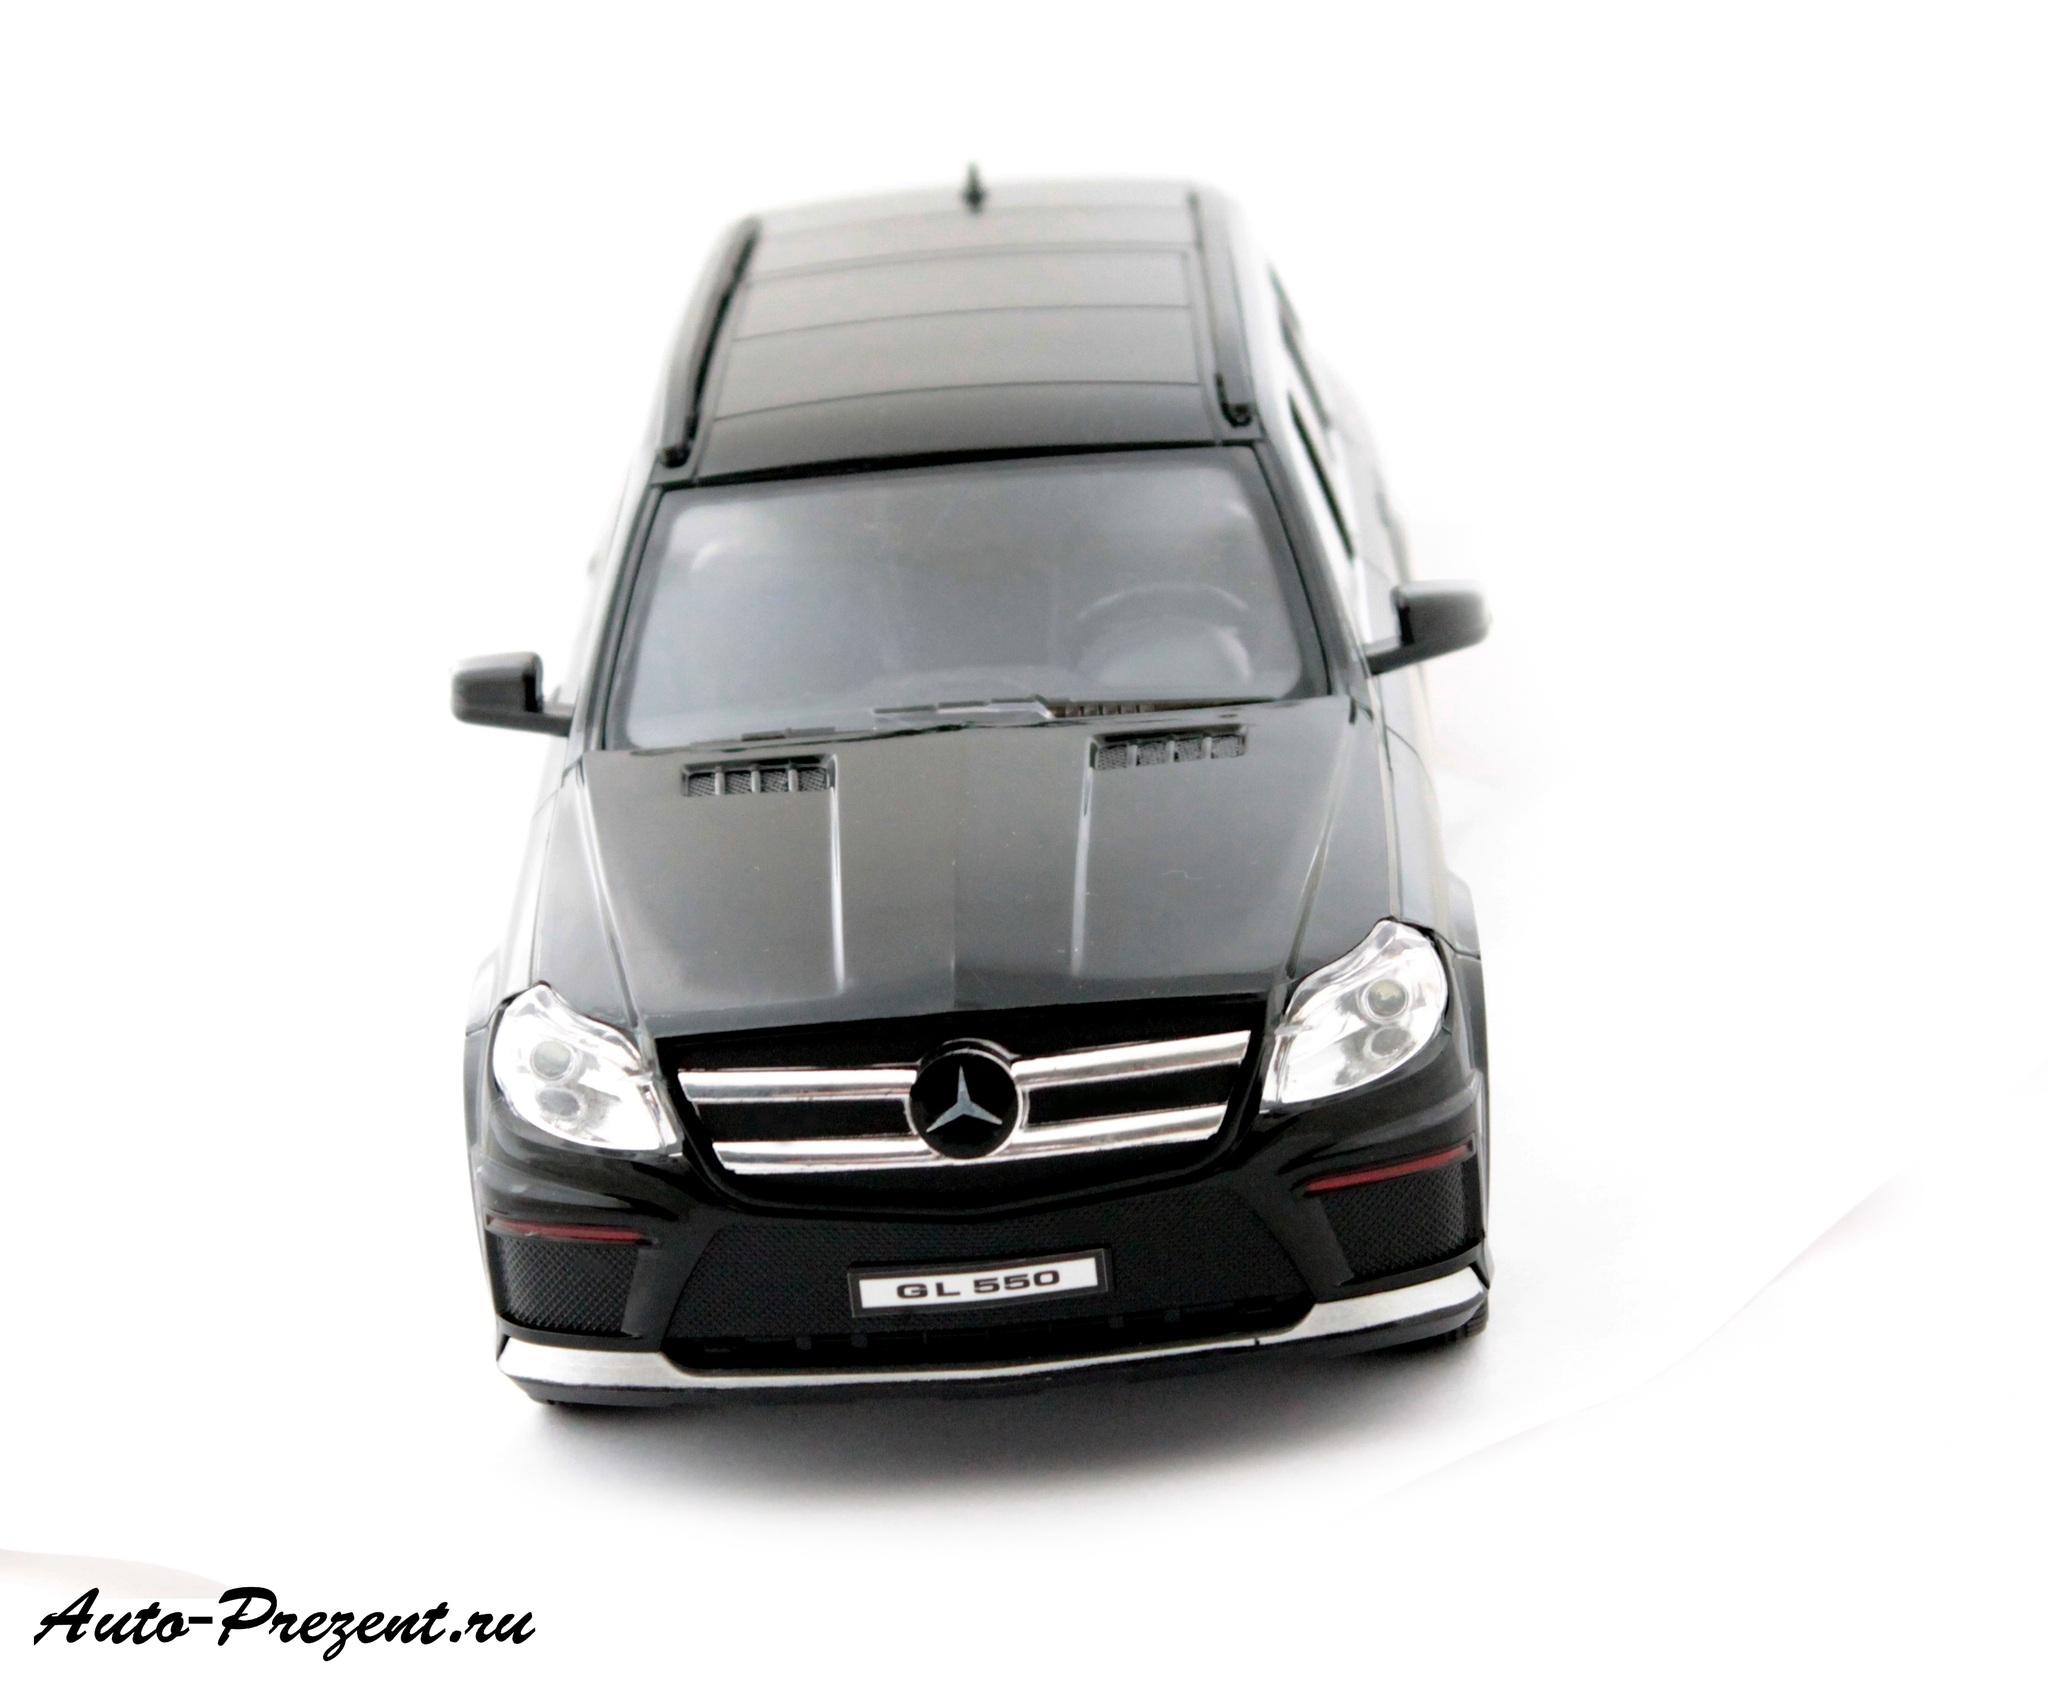 Машинка Mercedes-Benz GL550 на радиоуправлении